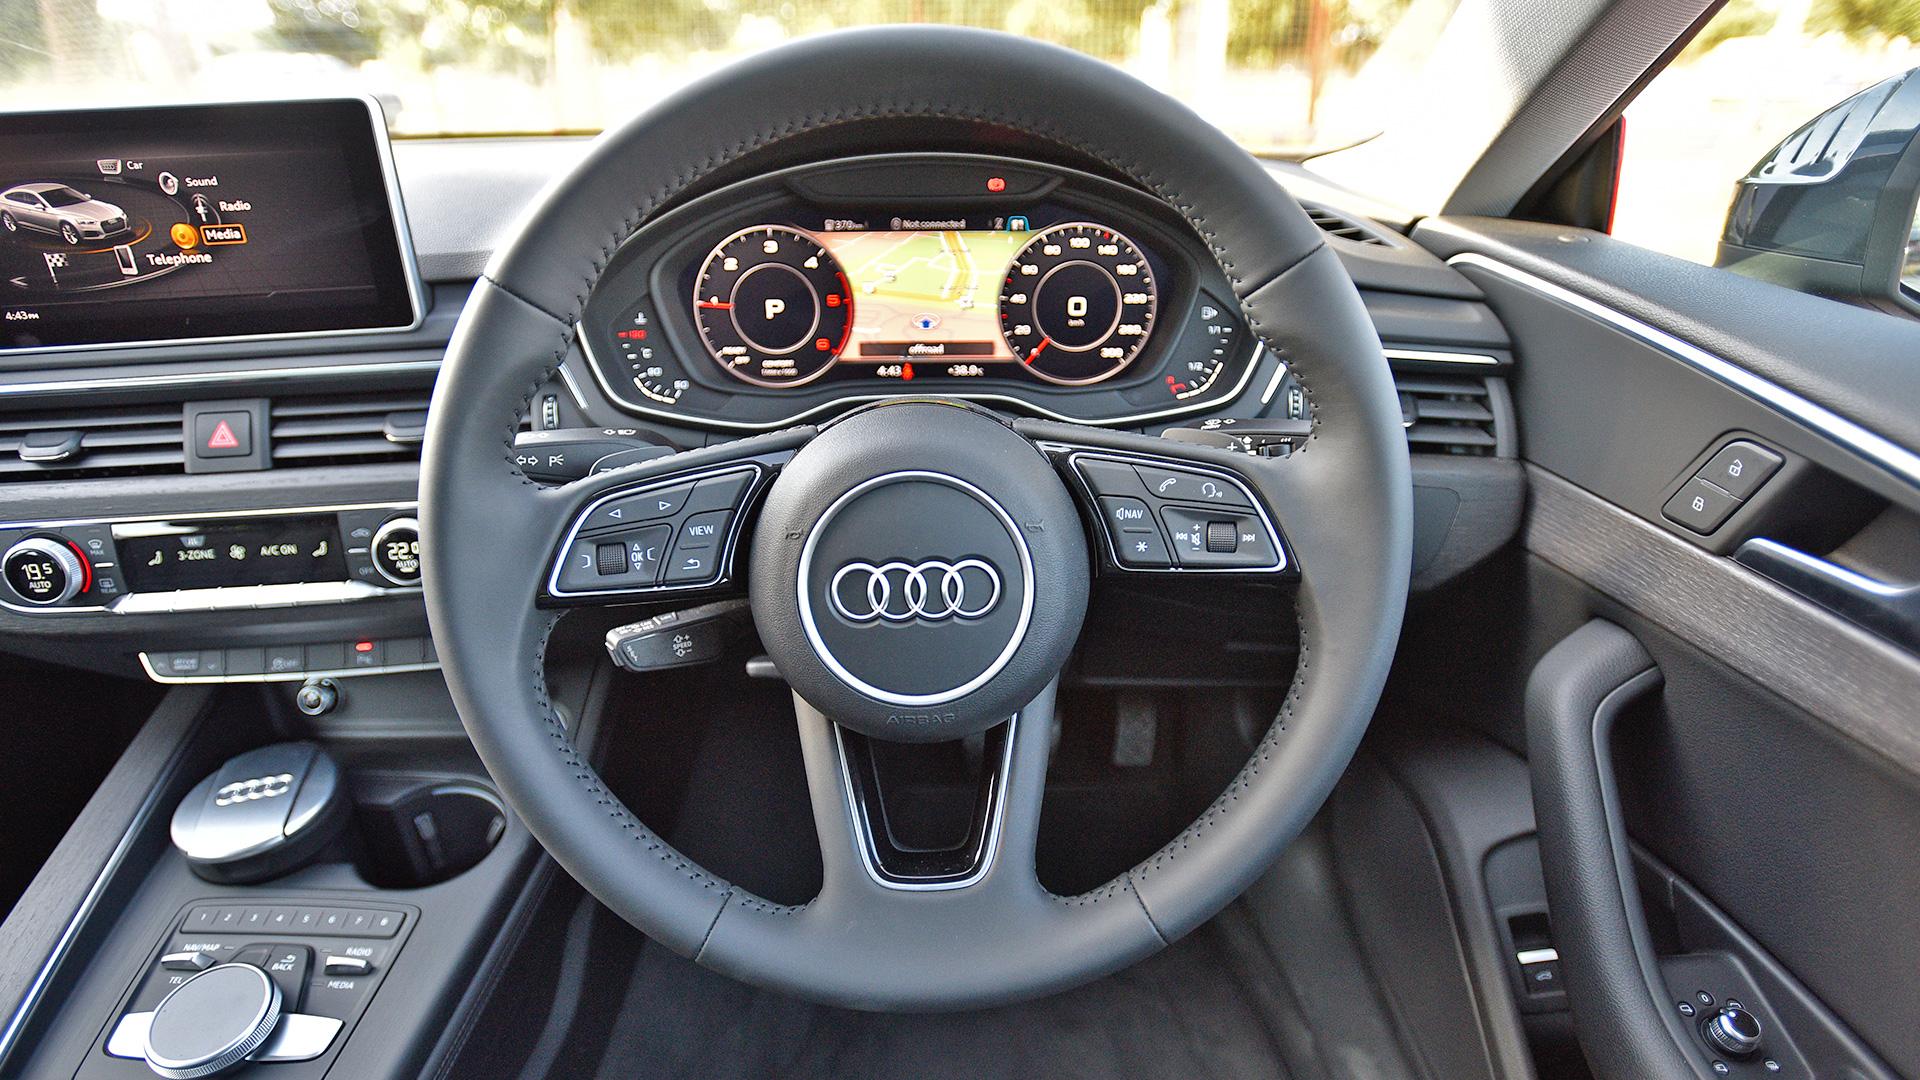 Kelebihan Kekurangan Audi A5 Sportback 2017 Tangguh